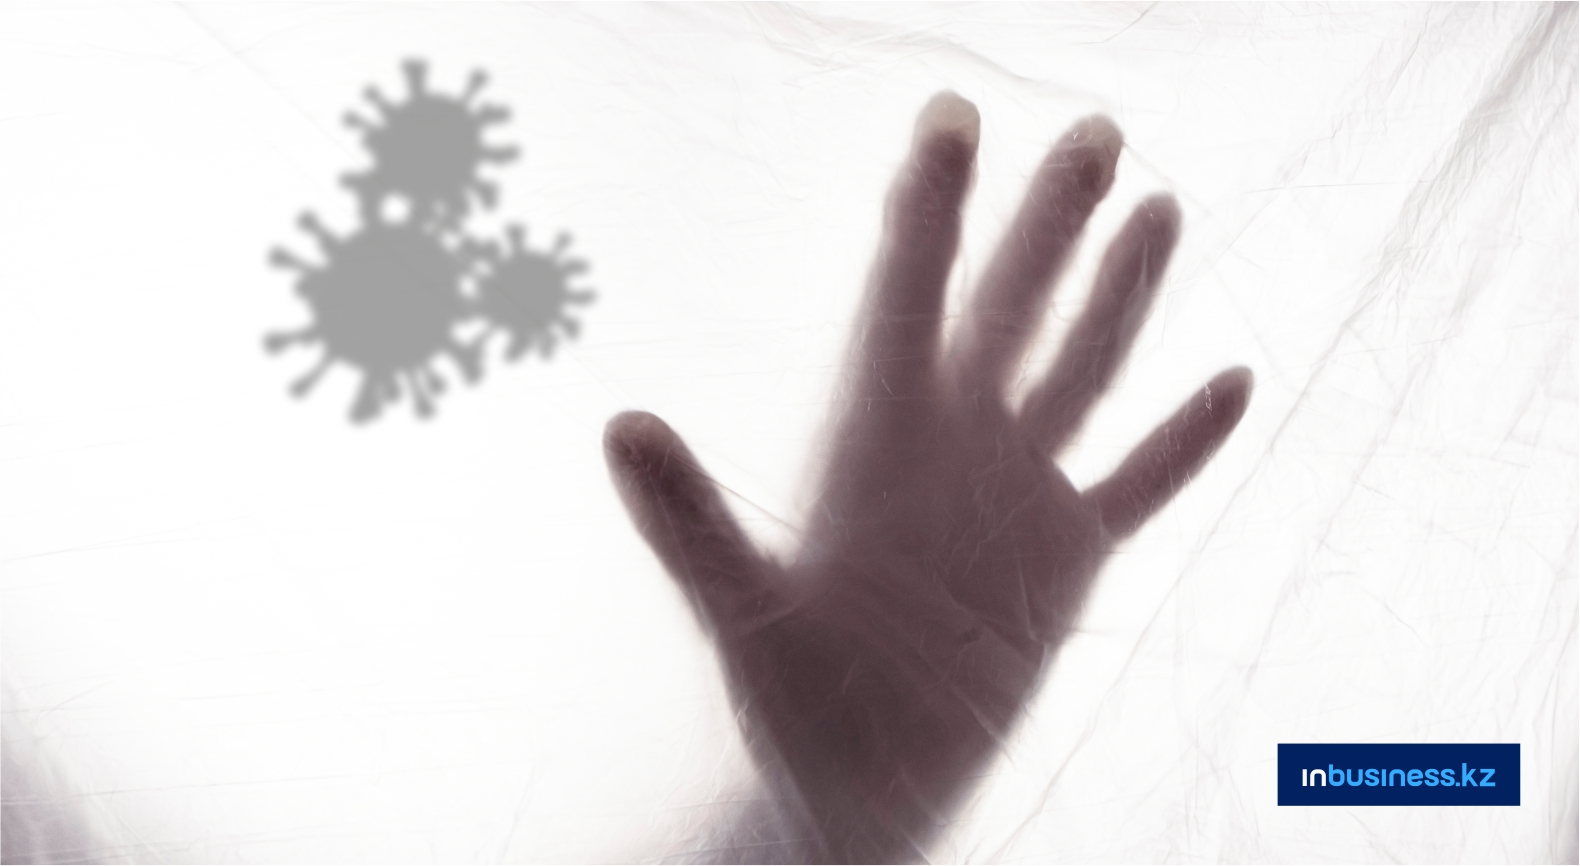 Число умерших от коронавируса в России приближается к 60 000